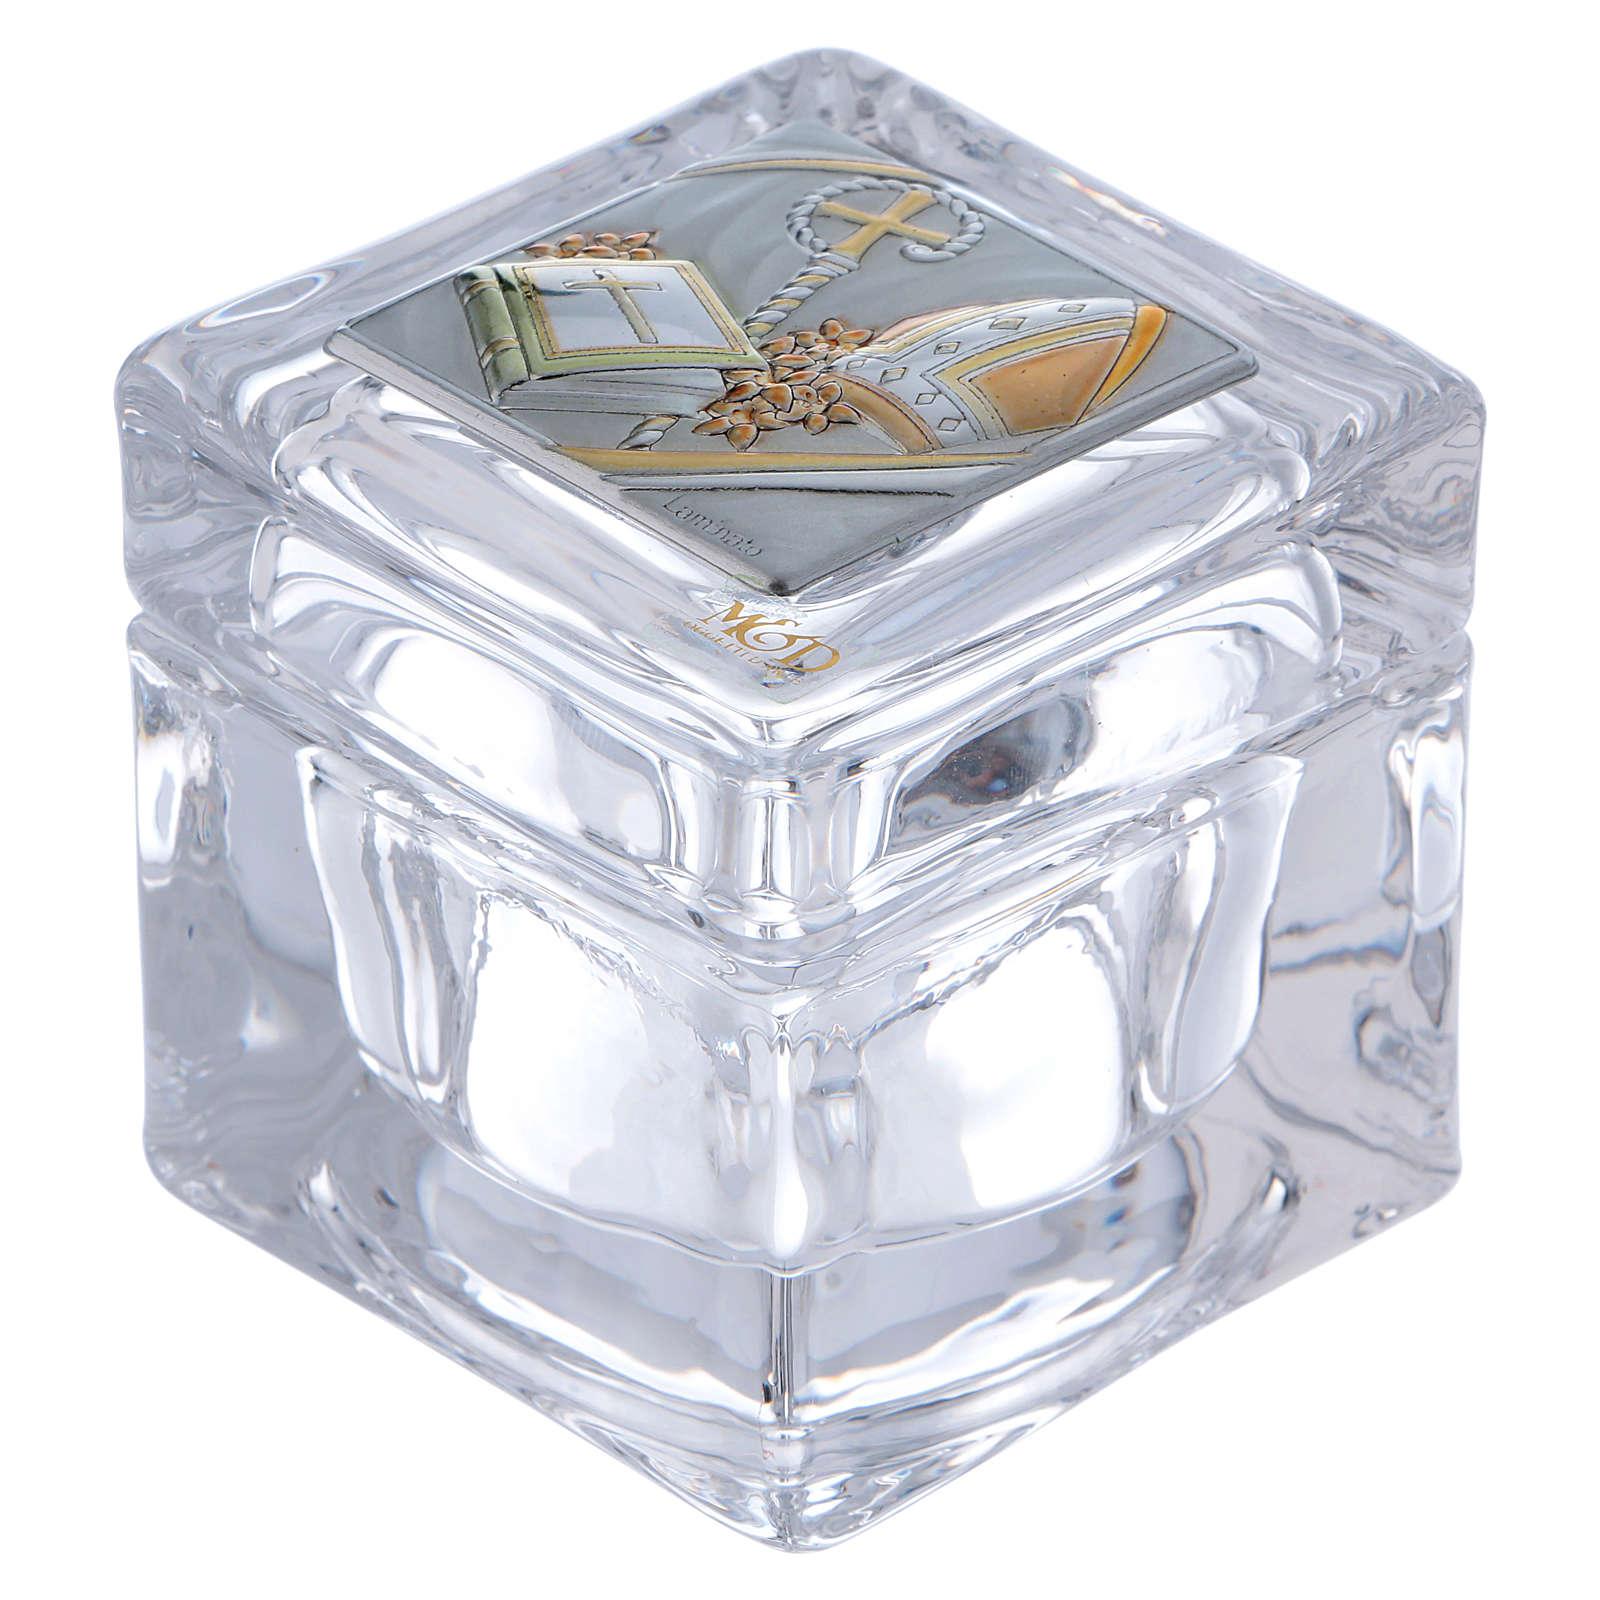 Lembrancinha sagrada para Crisma caixinha 5x5x5 cm 3